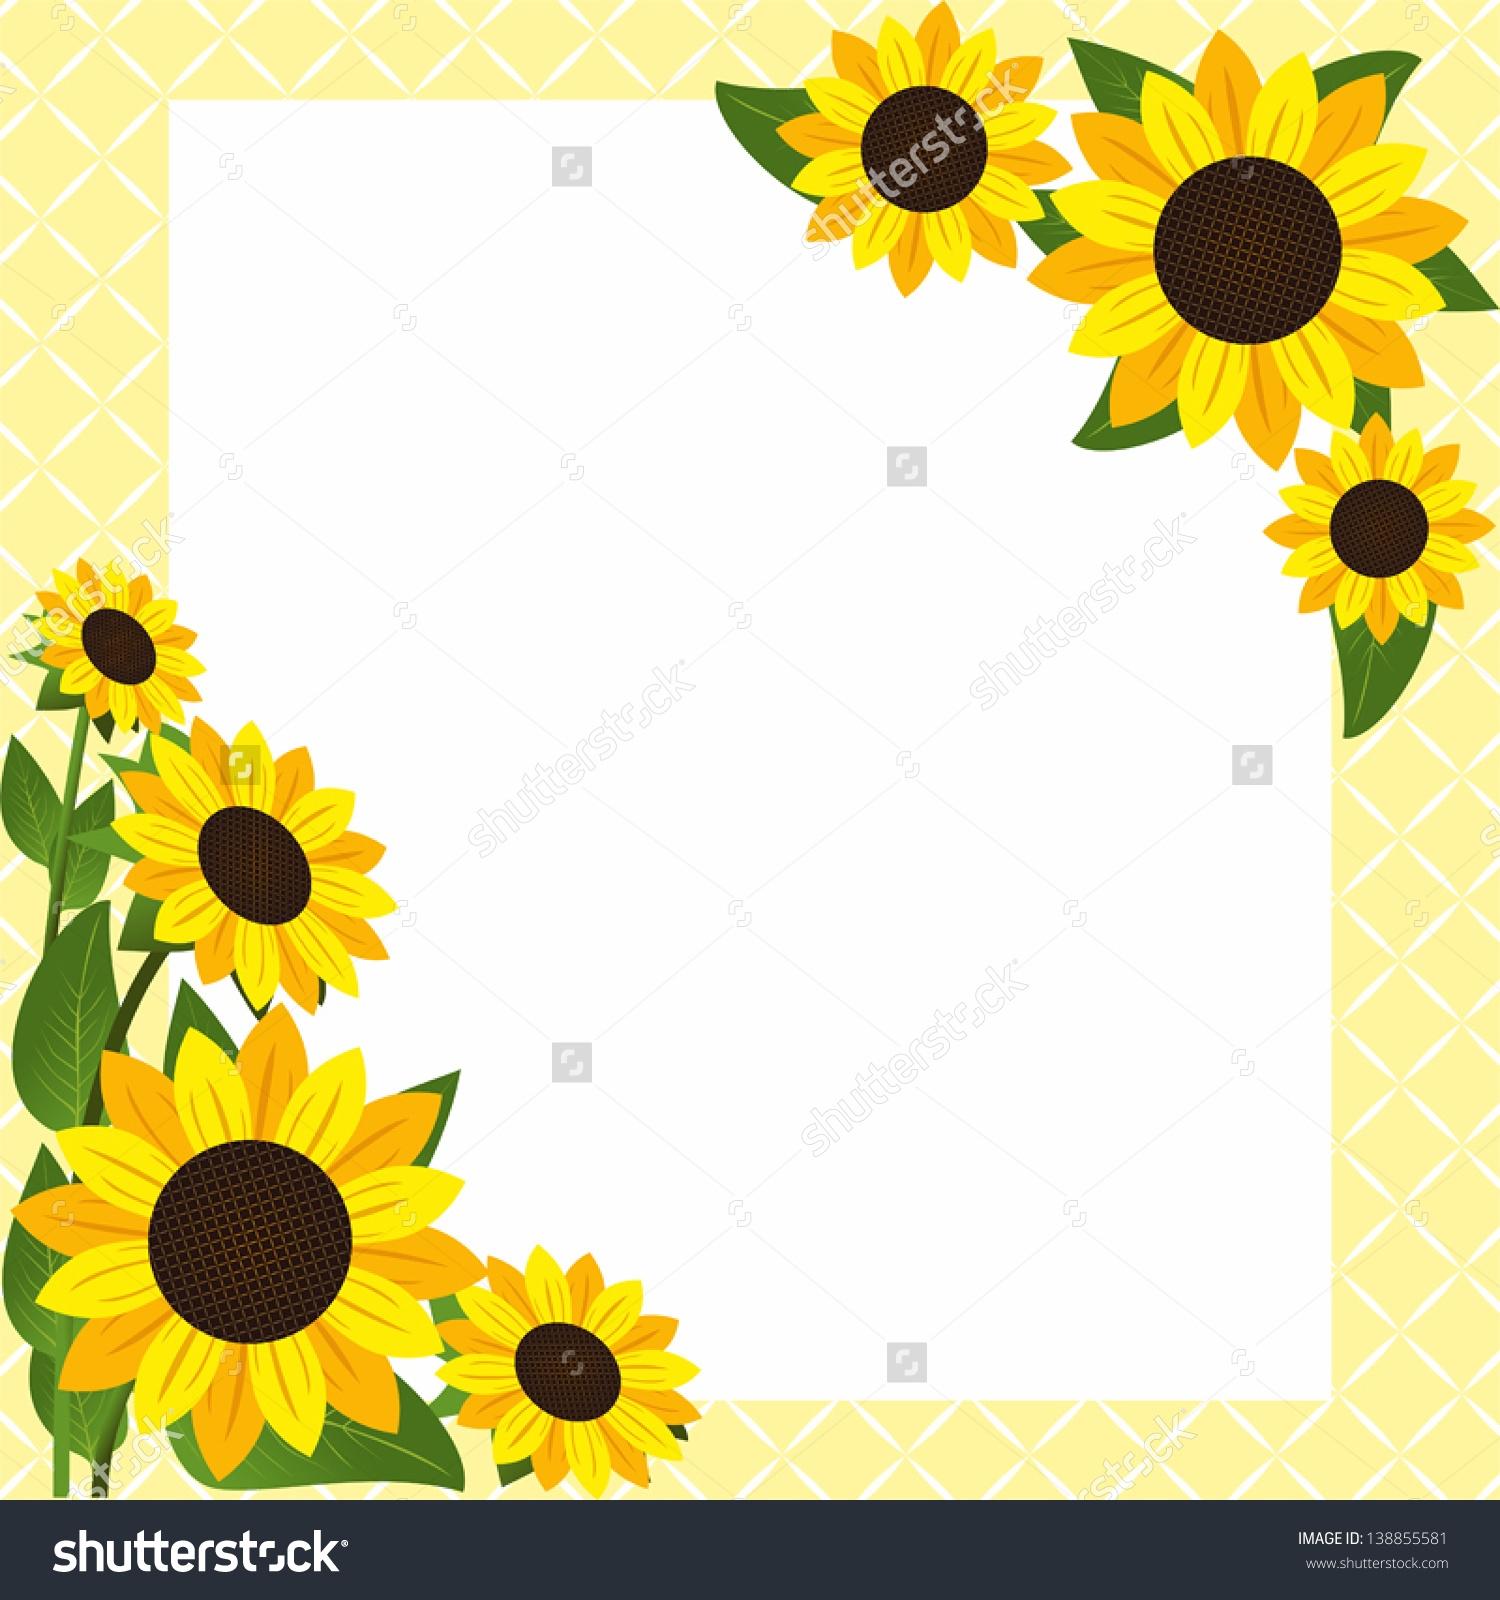 Corner border station . Boarder clipart sunflower